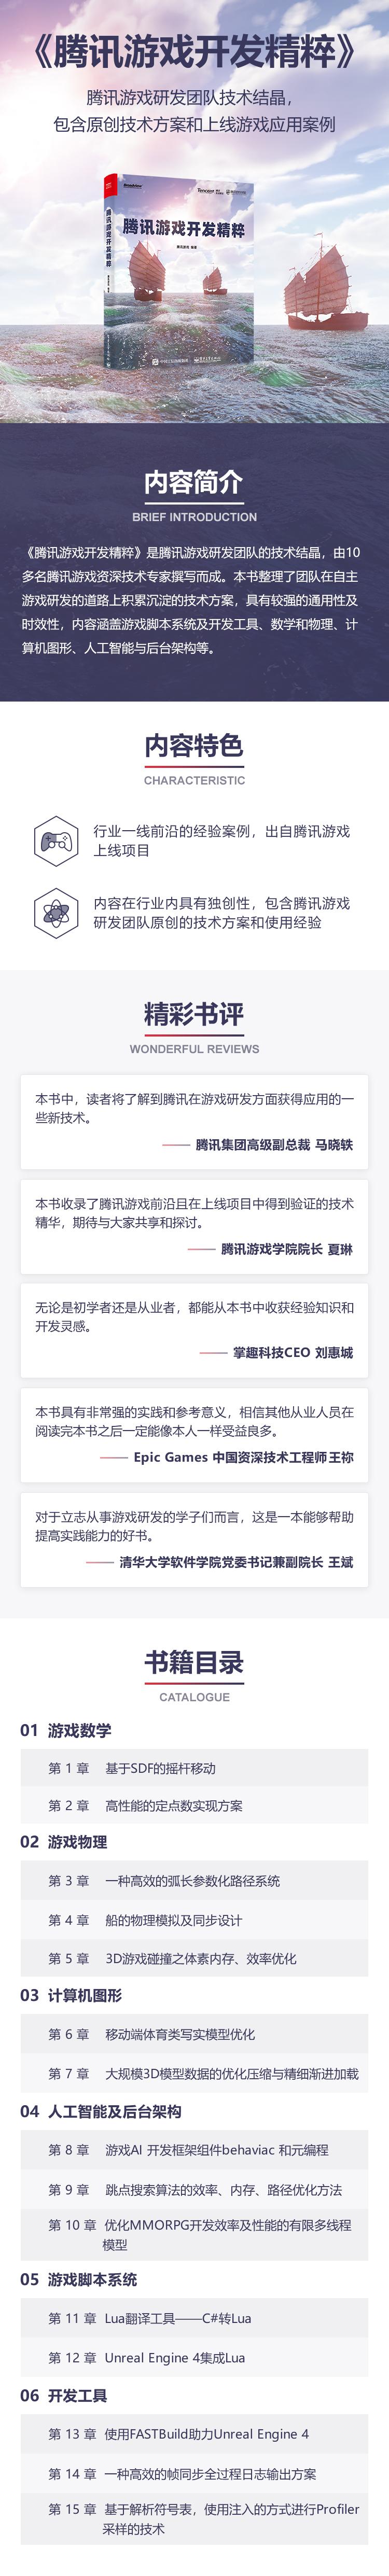 騰訊游戲開発精粋